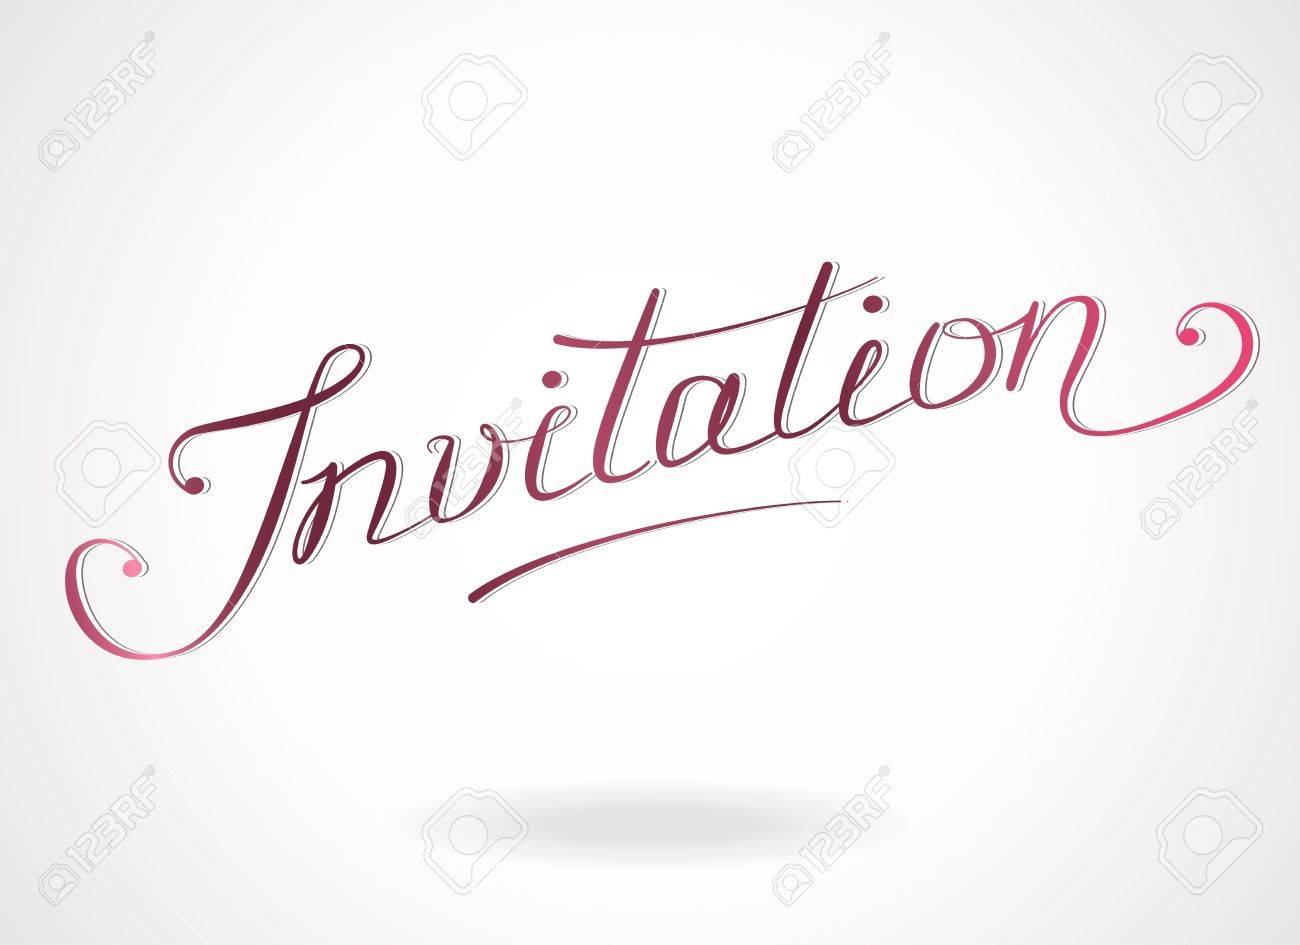 Plantilla A Mano Las Letras Invitación Para Las Invitaciones Tarjetas De Felicitación